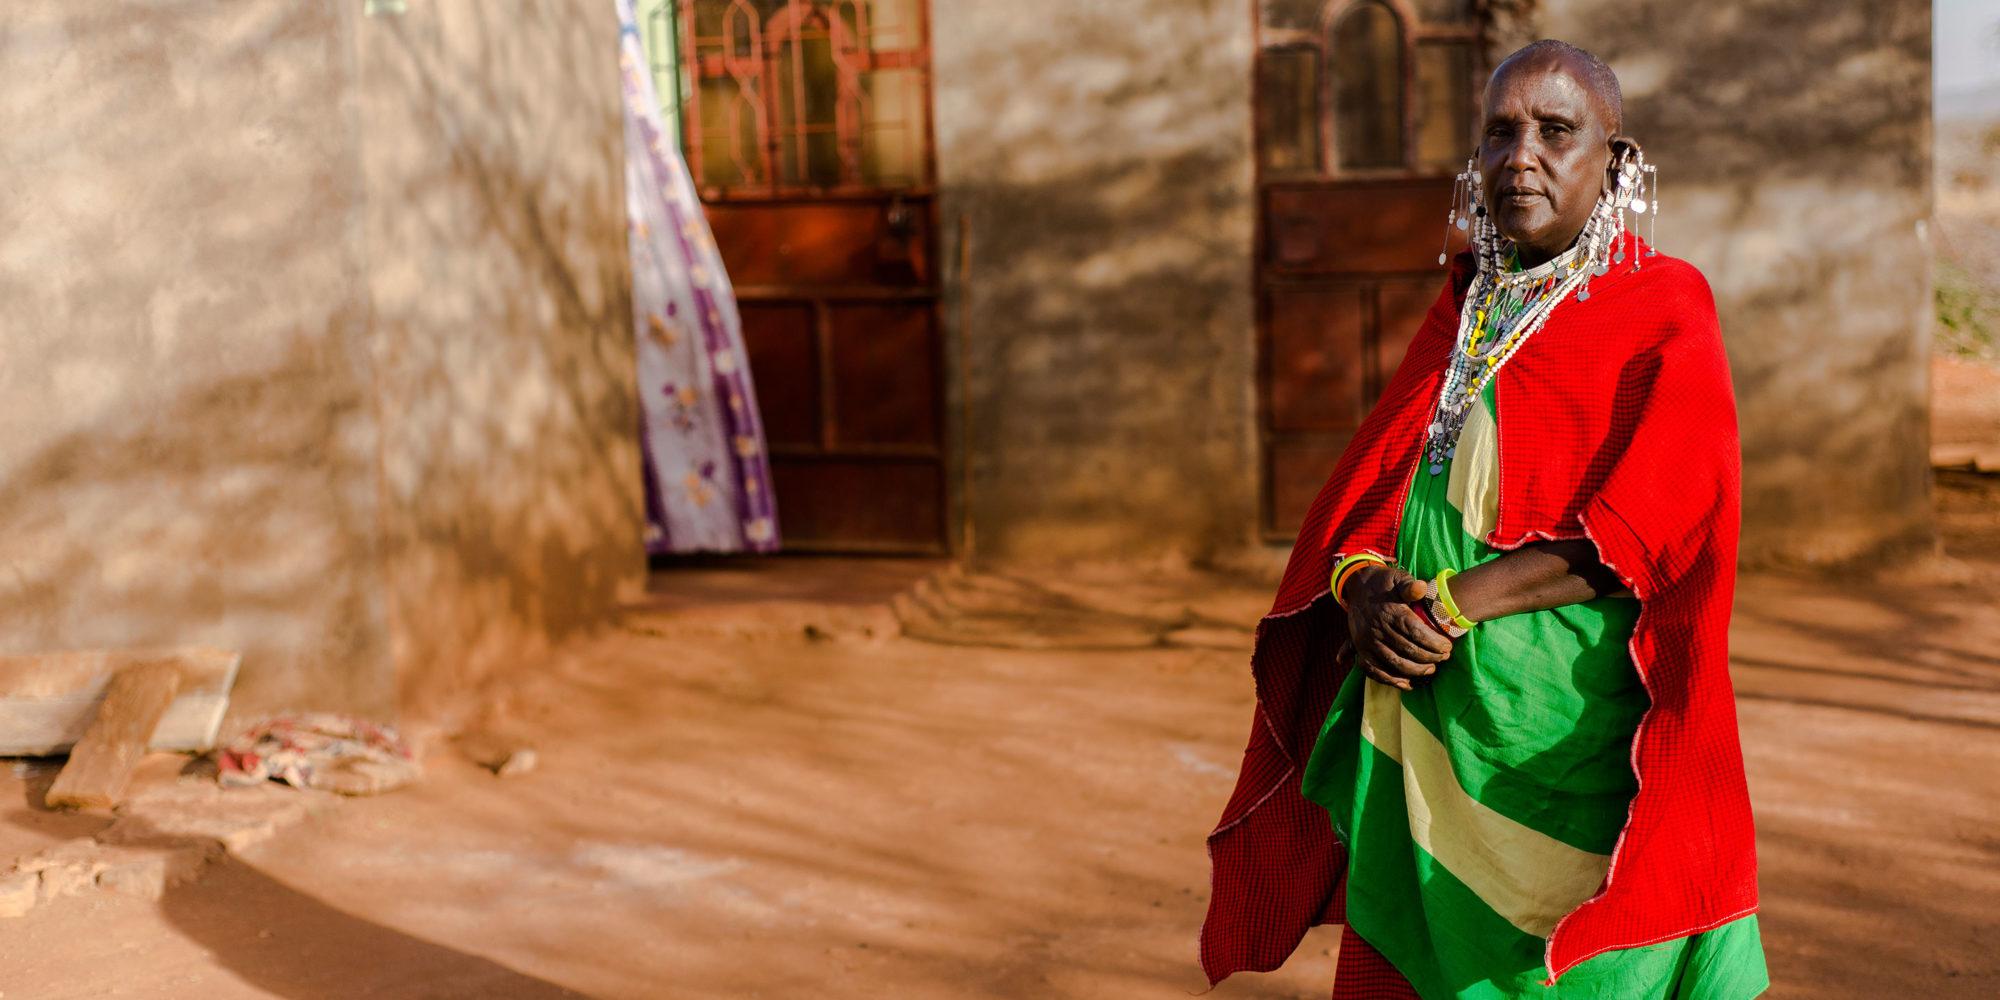 En massajkvinna iklädd traditionell dräkt i rött och grönt poserar framför ett hus i rödbrunt tegel.